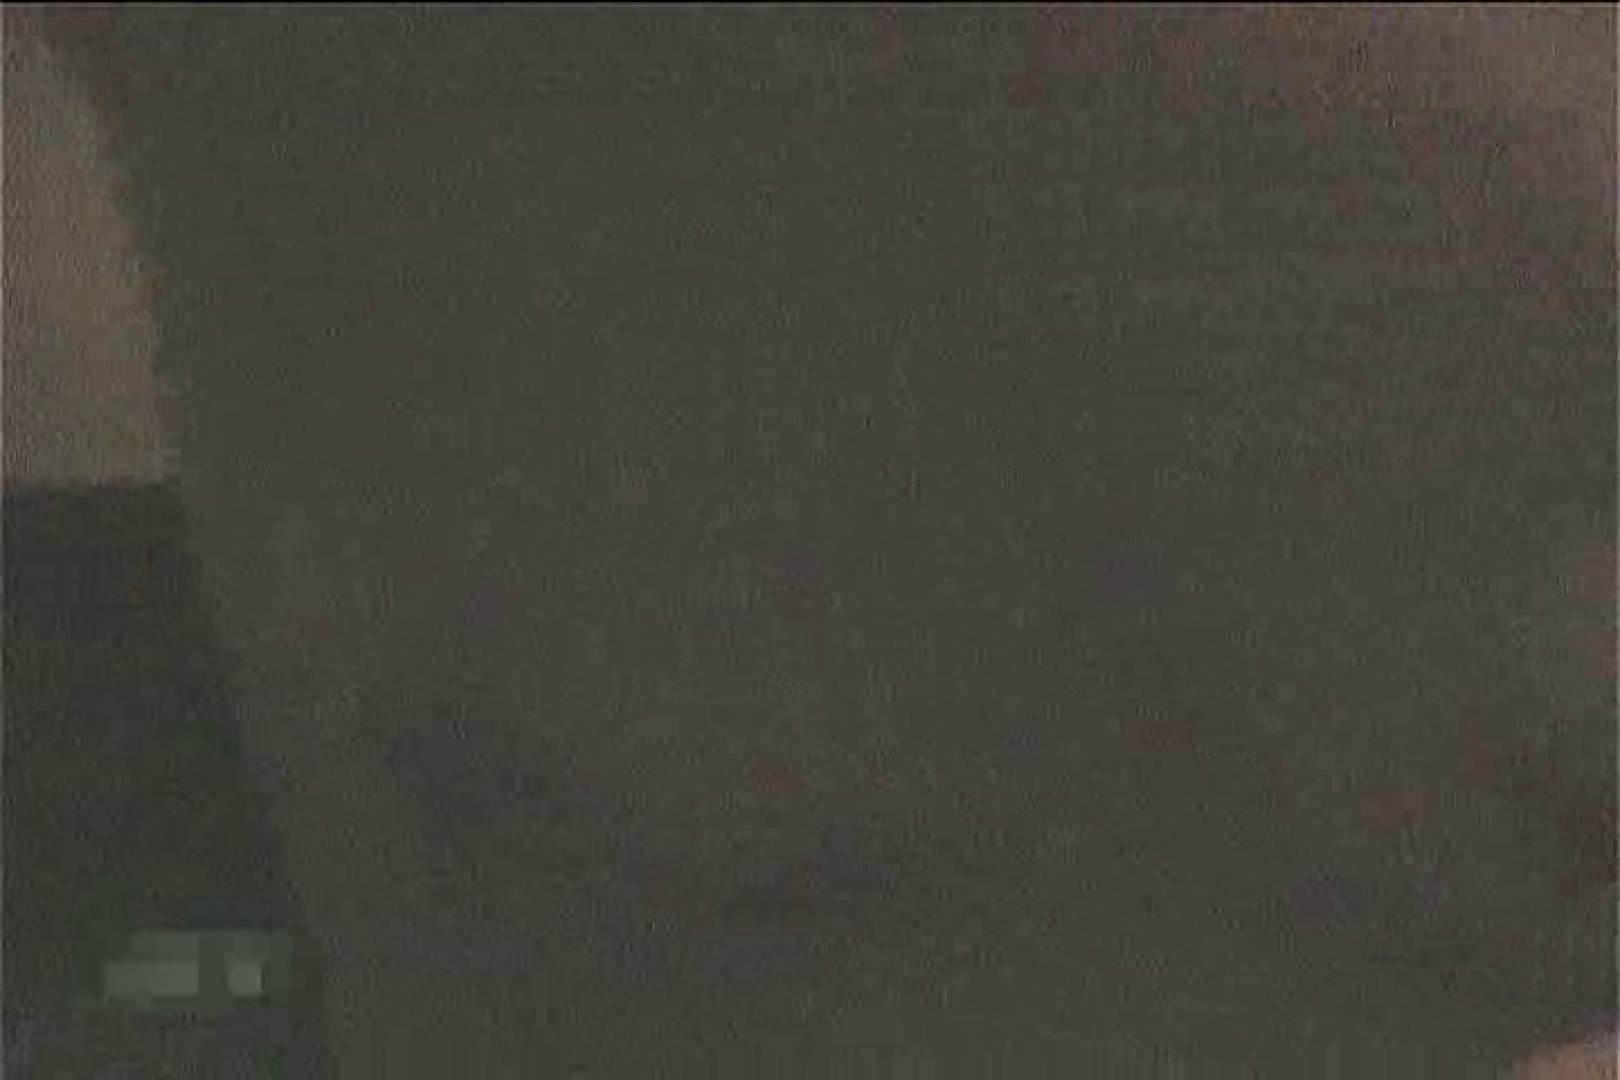 全裸で発情!!家族風呂の実態Vol.3 すけべなOL 戯れ無修正画像 95画像 93